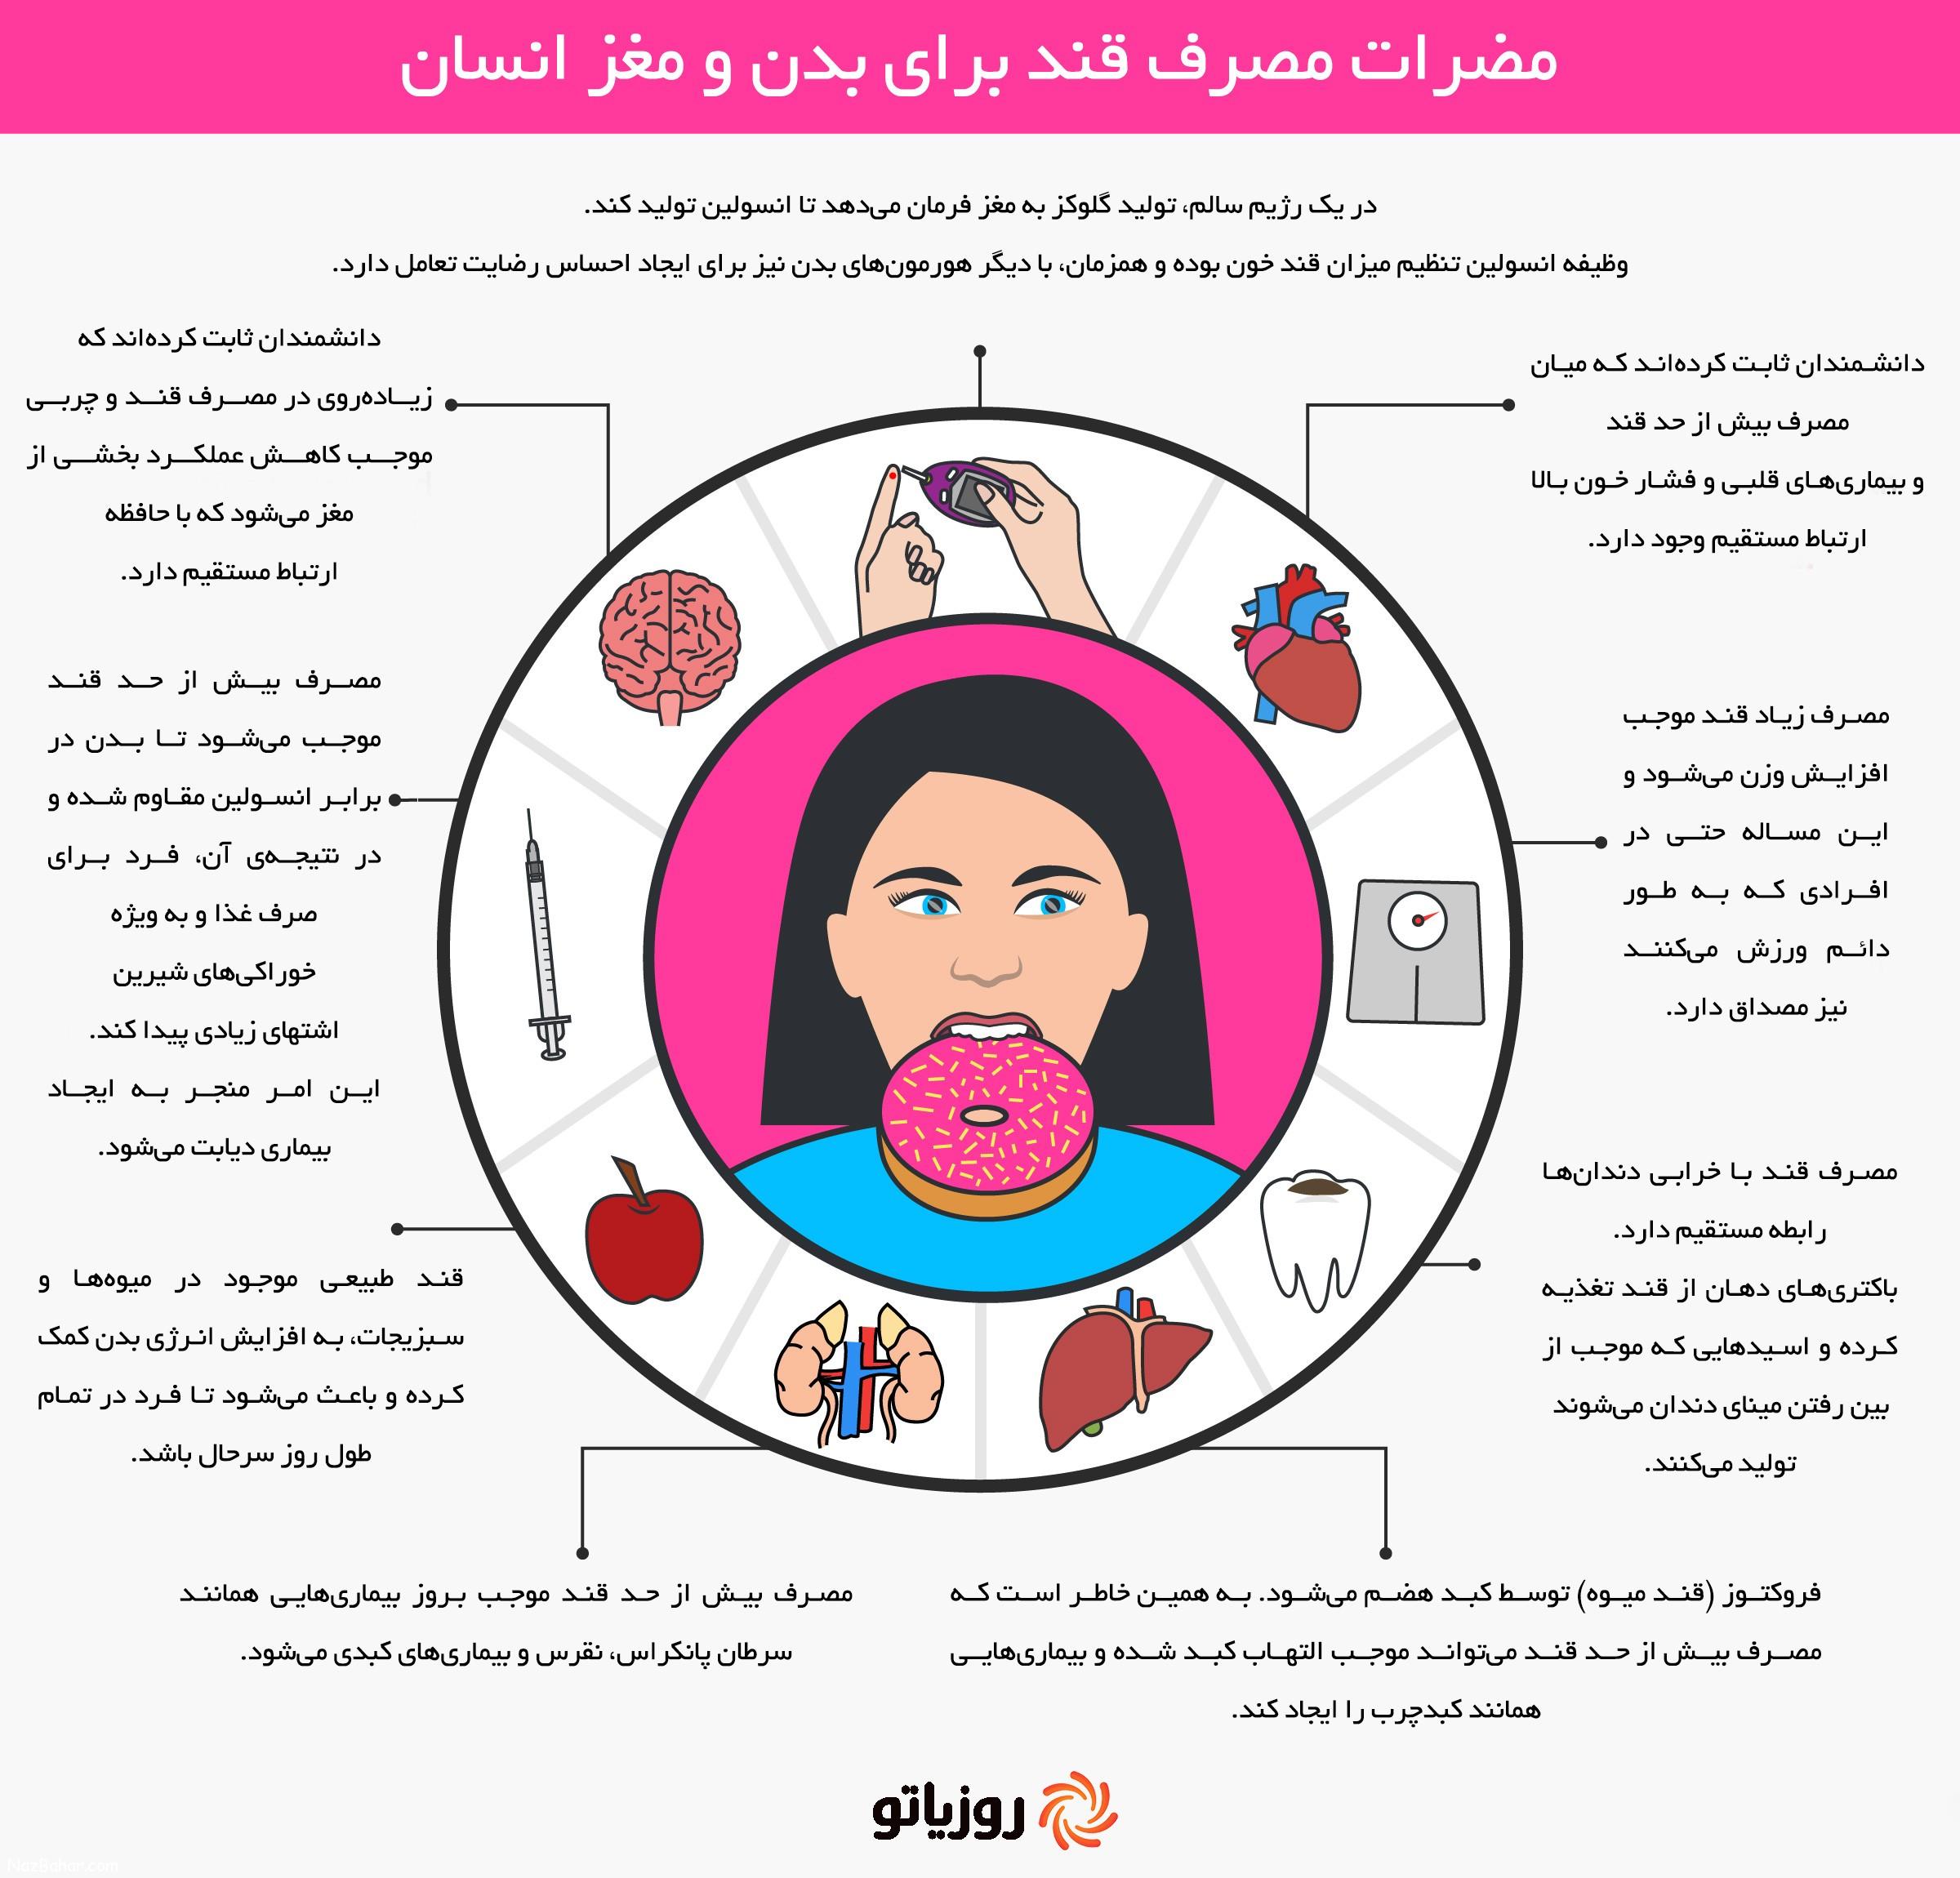 (اینفوگرافیک) مصرف زیاد قند و تاثیر آن بر روی بدن و مغز انسان